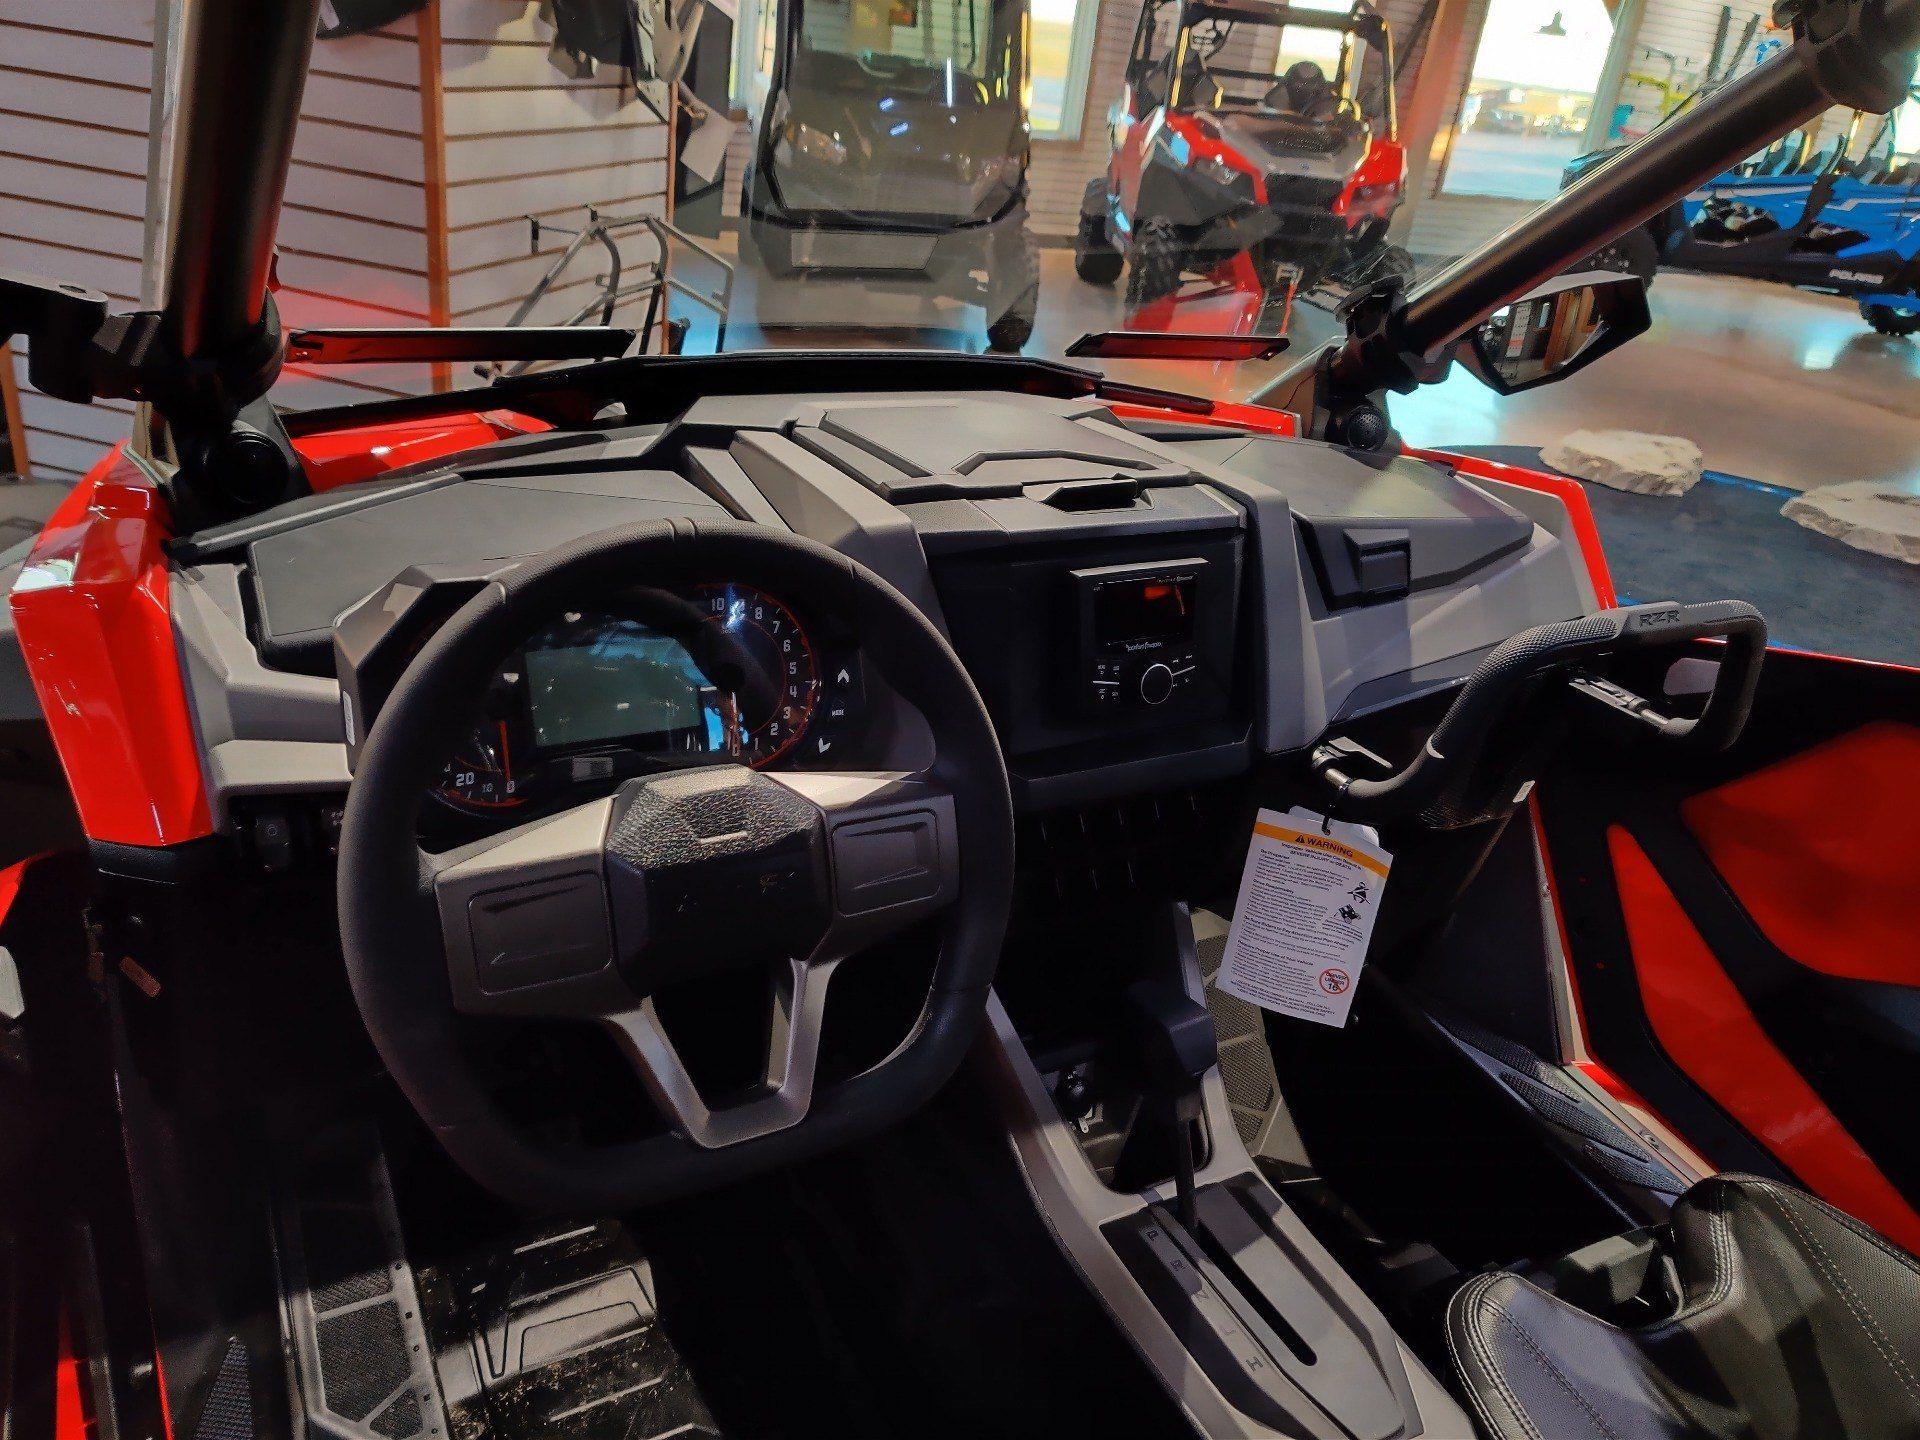 2020 Polaris RZR Pro XP Premium in Montezuma, Kansas